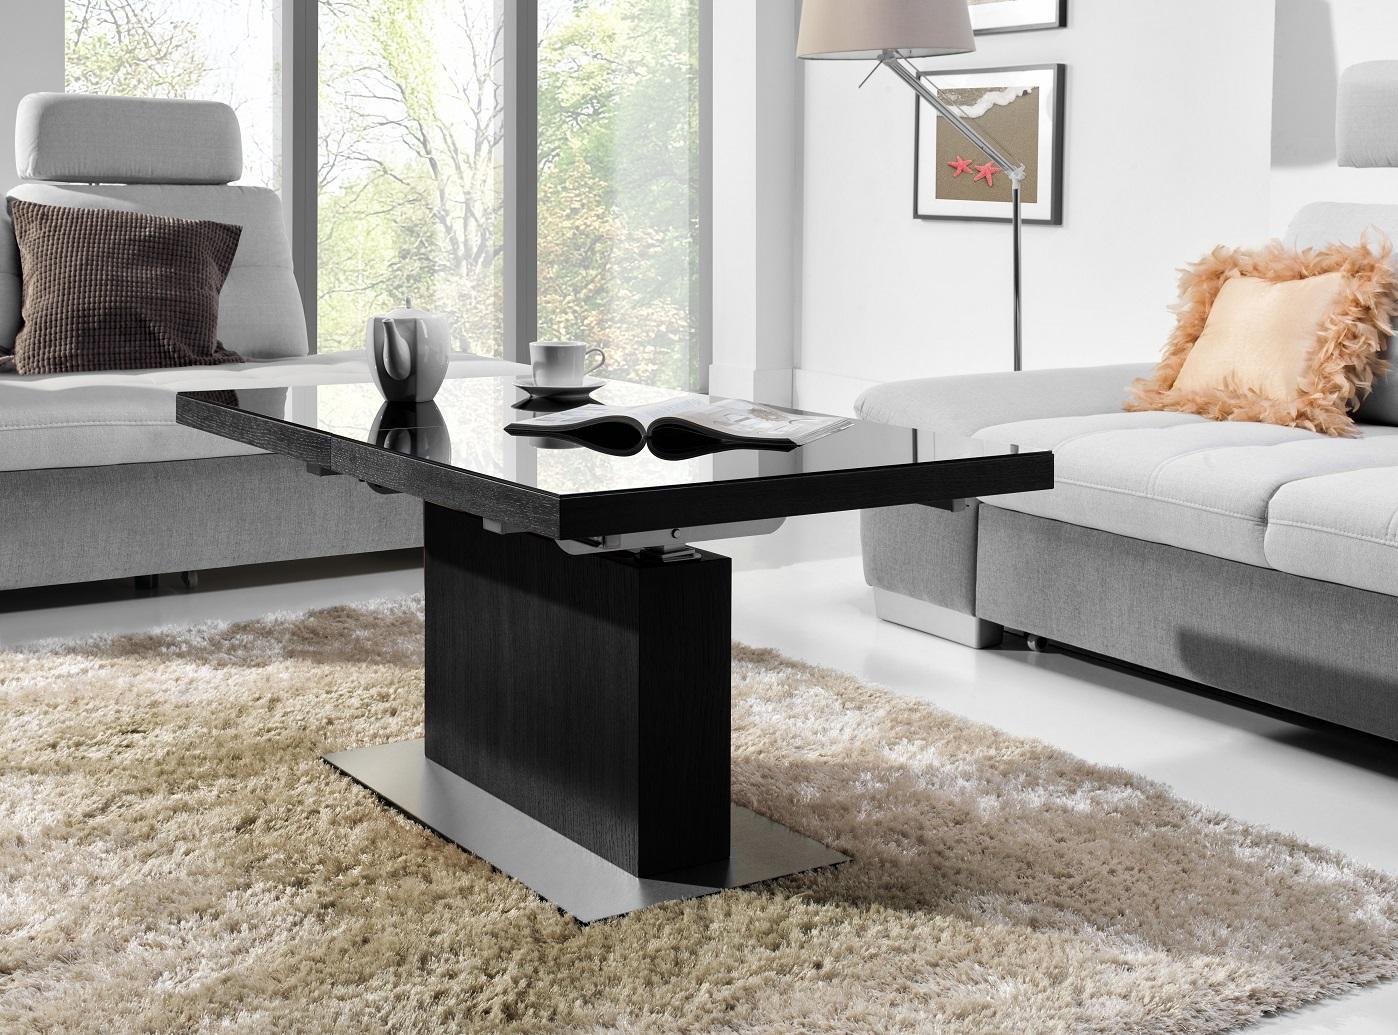 couchtisch mn 3 schwarz seidenmatt schwarzglas. Black Bedroom Furniture Sets. Home Design Ideas